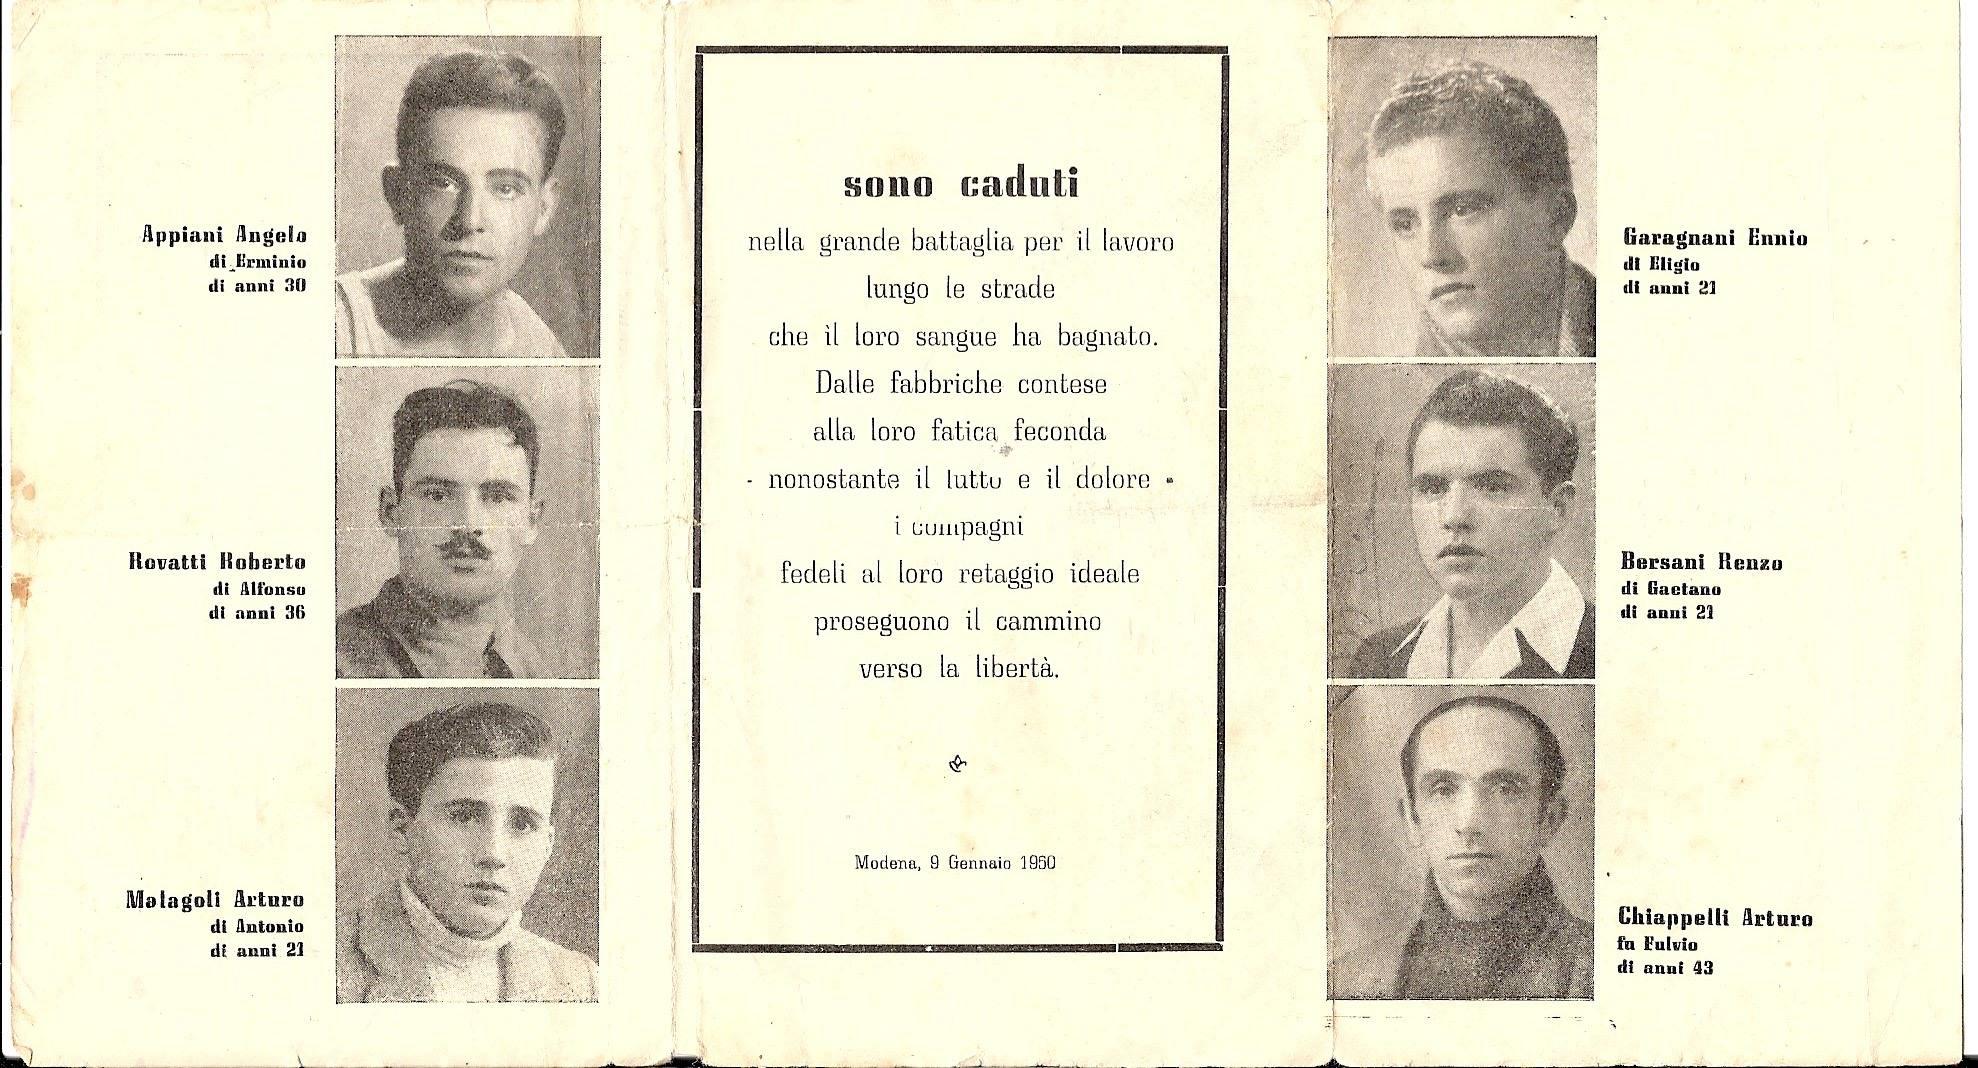 Ricordo dei sei manifestanti uccisi il 9 gennaio 1950 a Modena, nella zona delle Fonderie Riunite. Foto via Wikimedia Commons